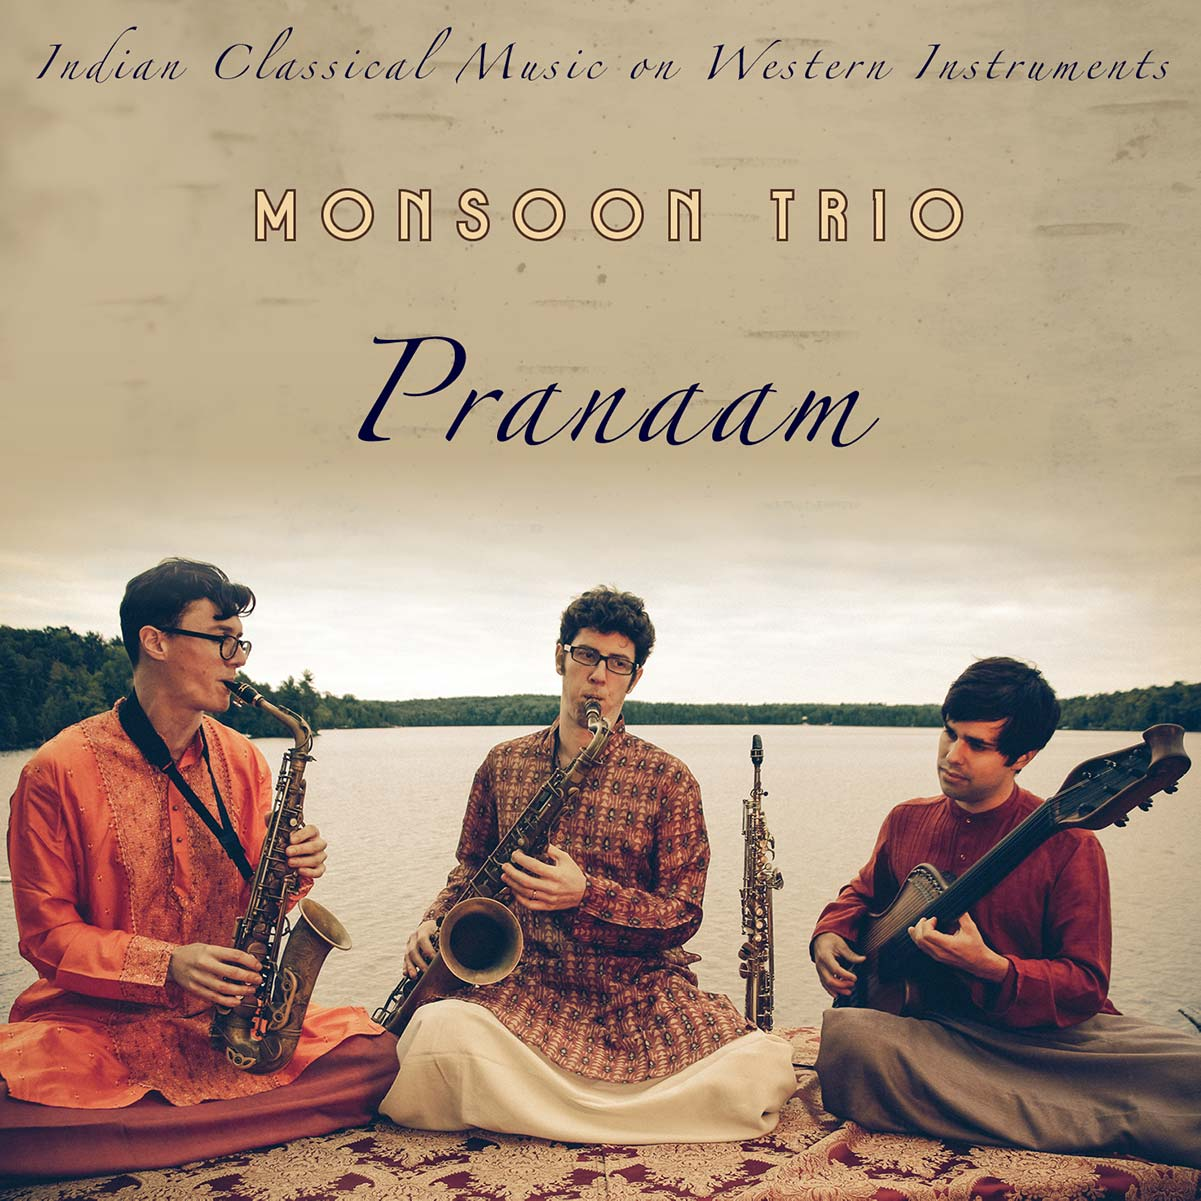 Monsoon Trio - Pranaam - Album art